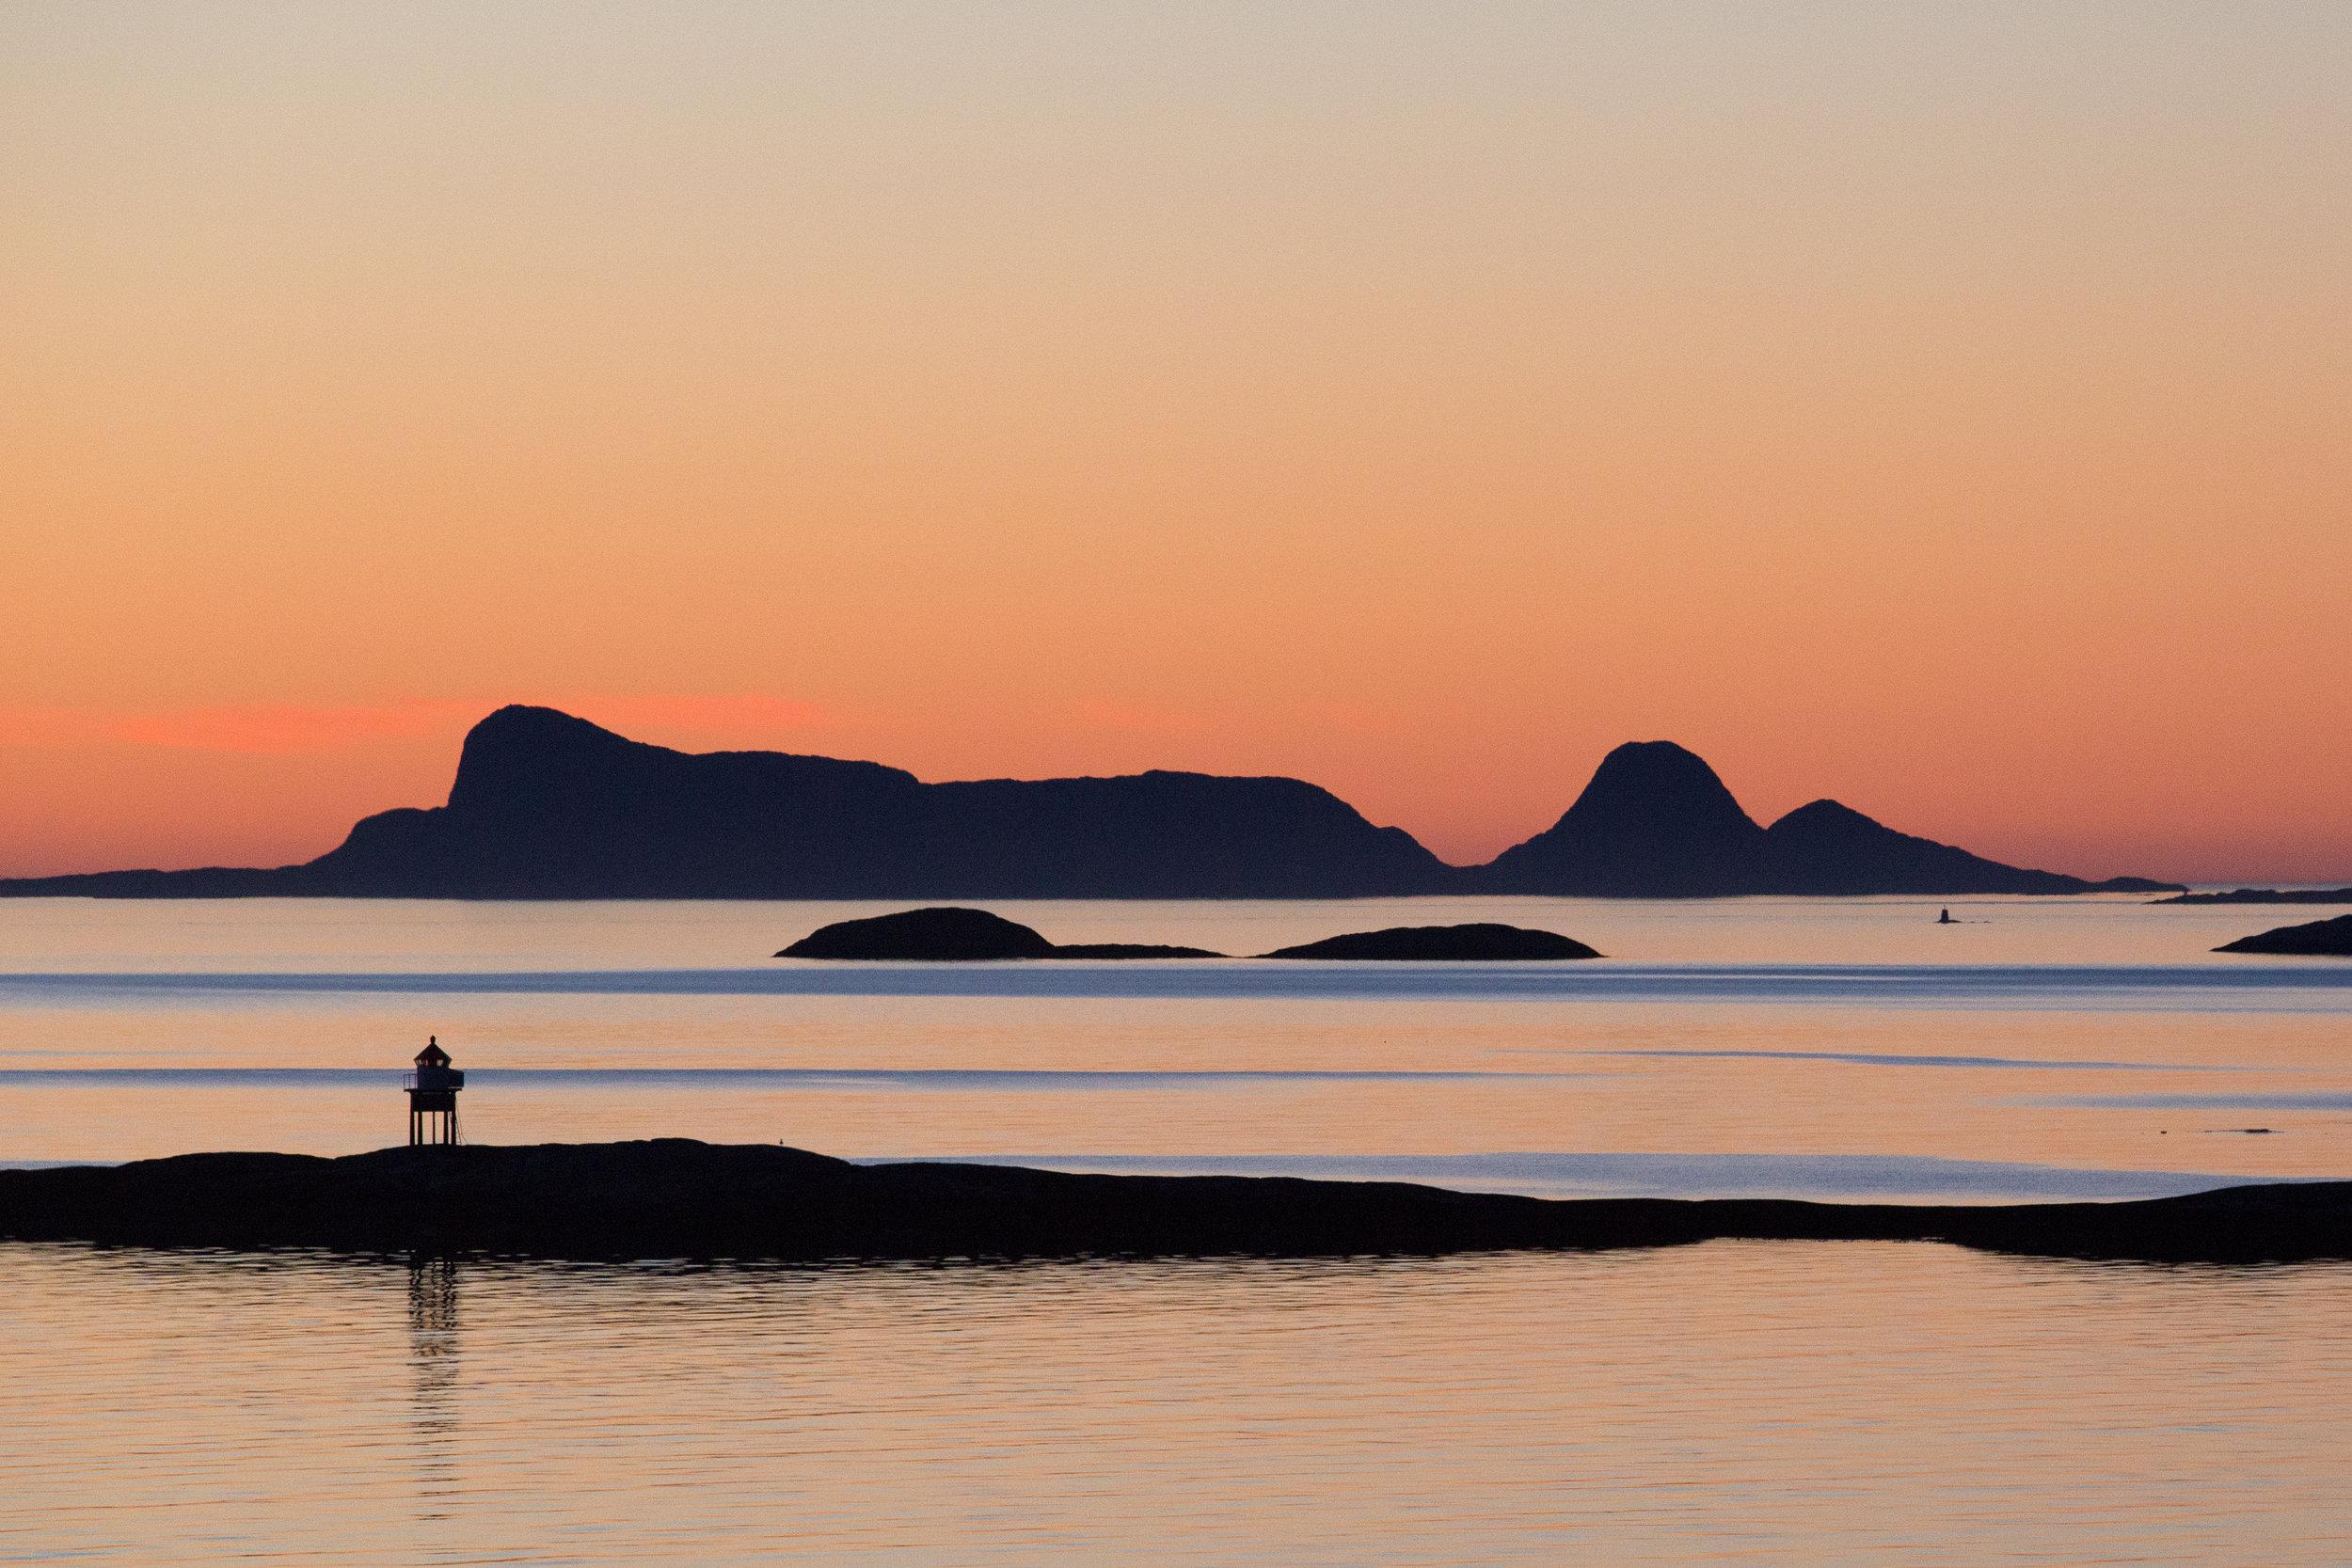 Sunset in the Norwegian Fjords